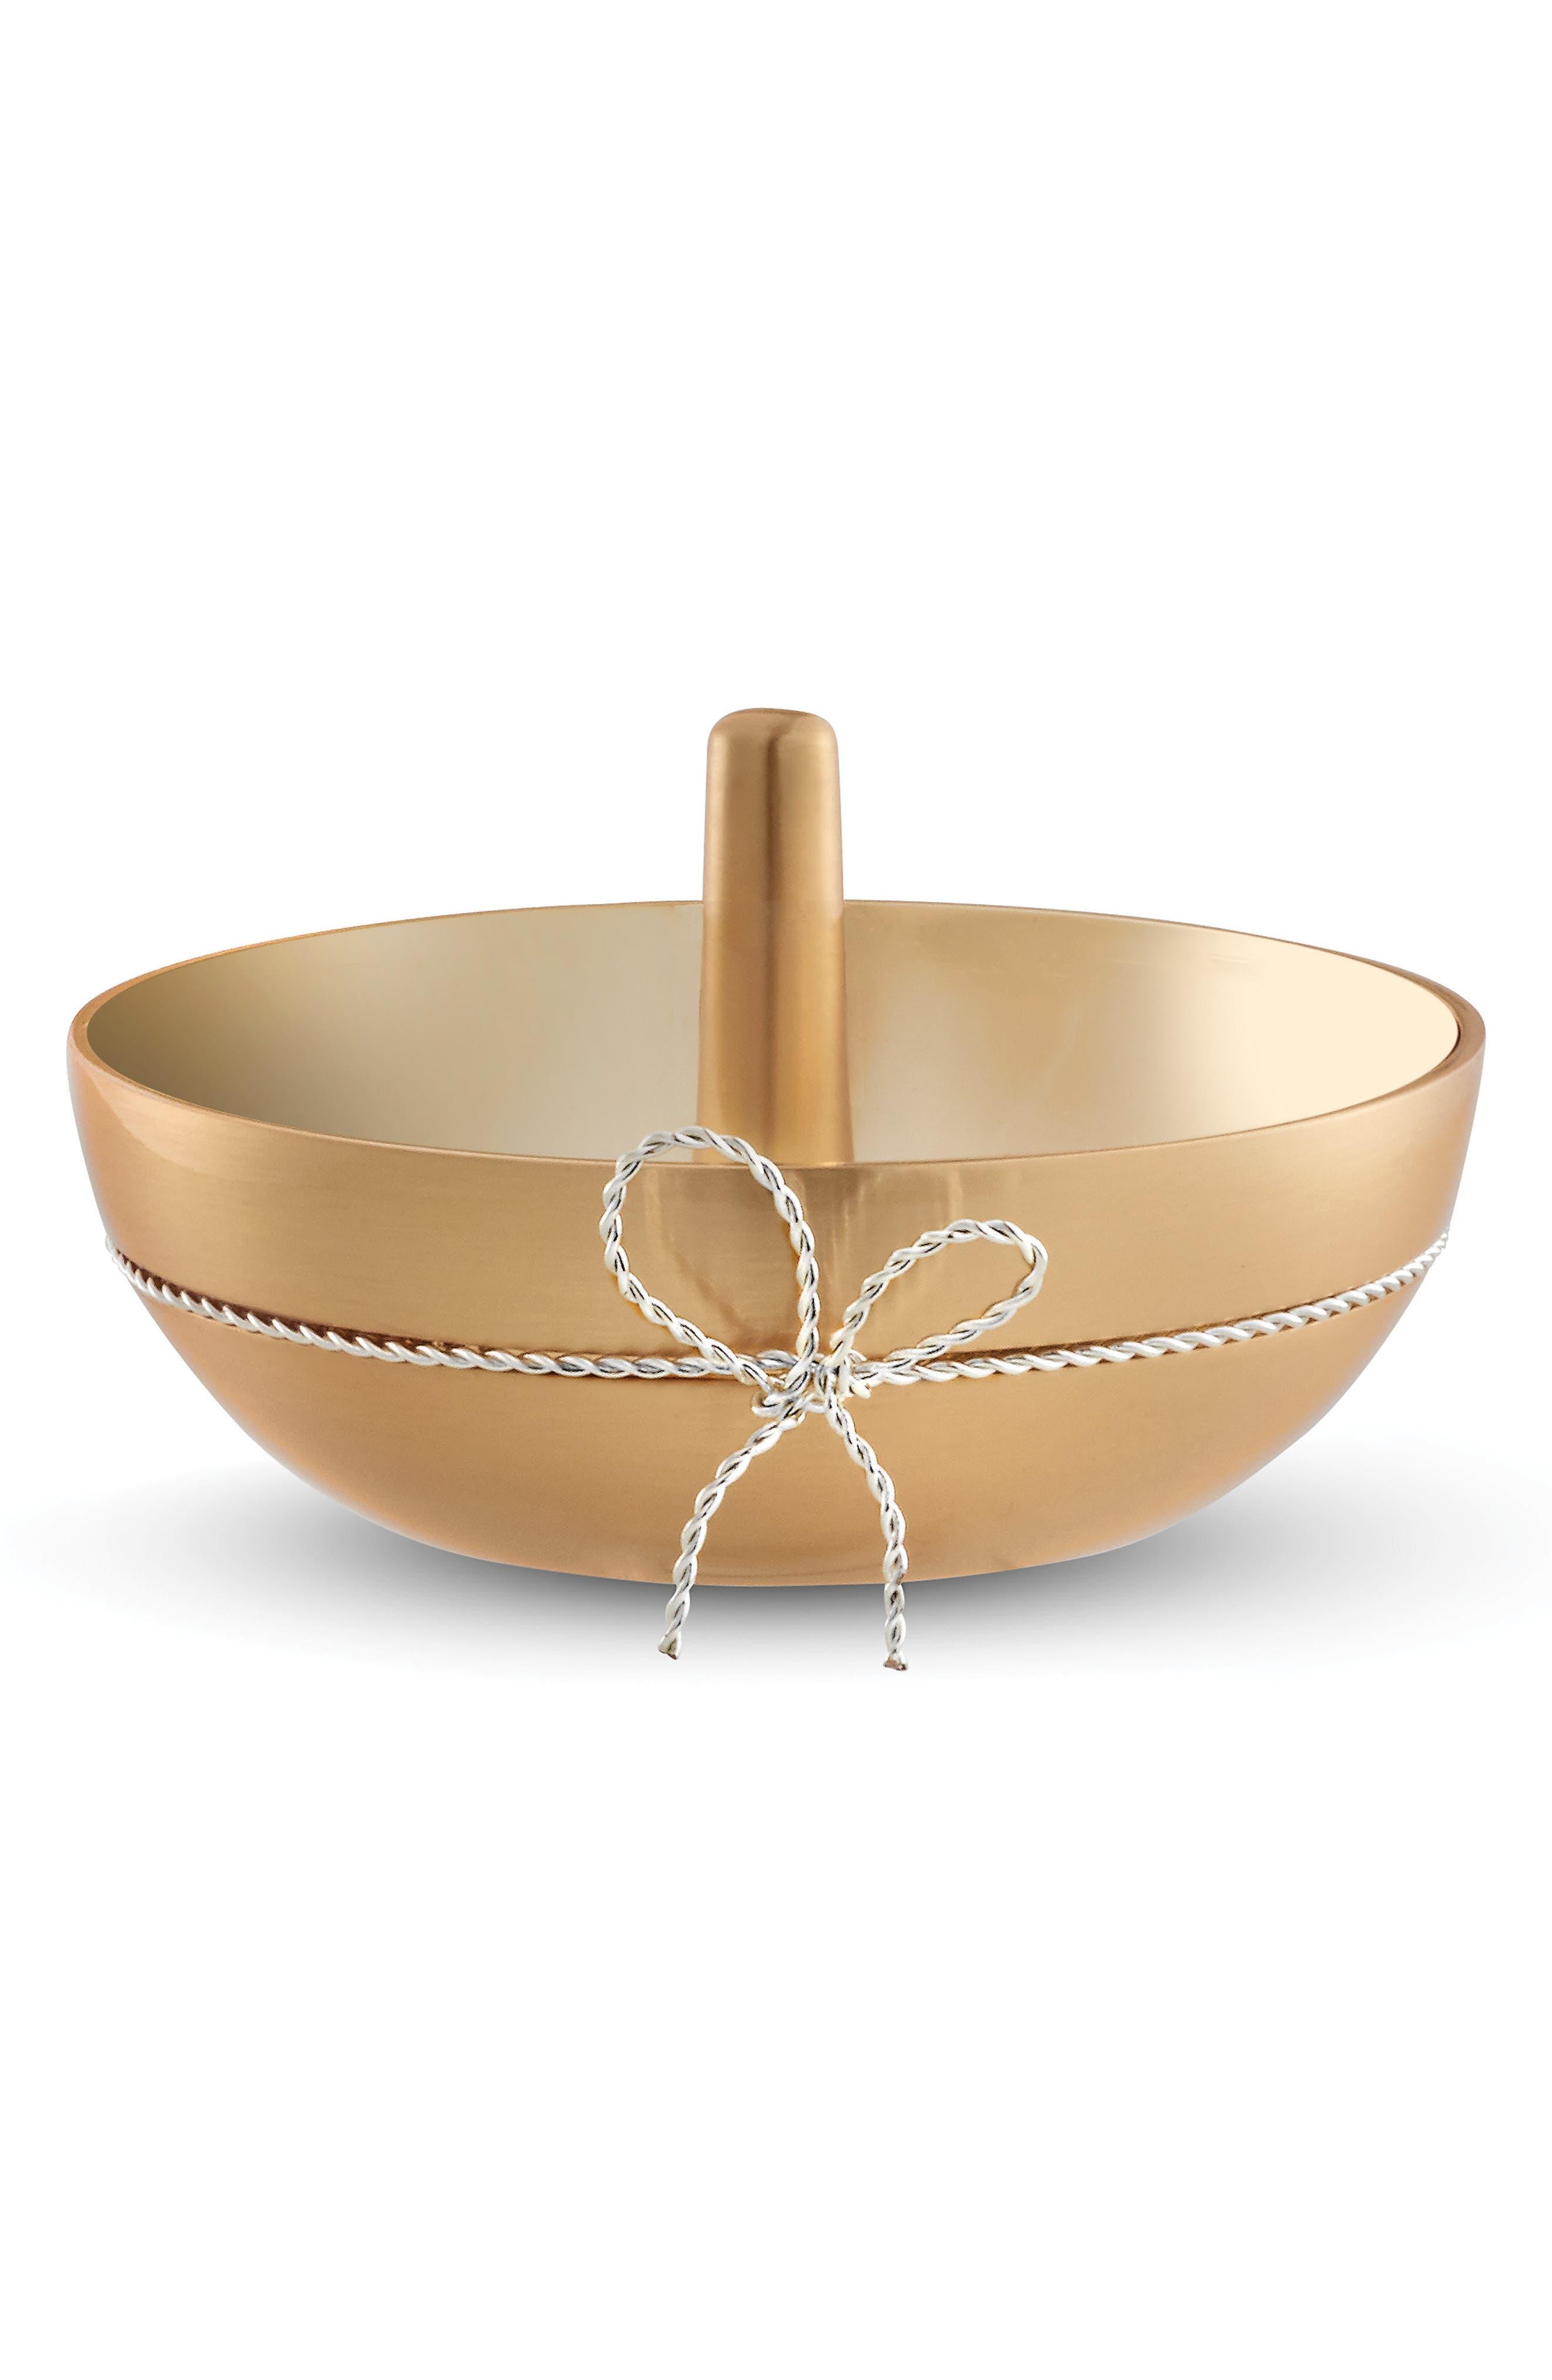 Main Image - Vera Wang Love Knots Ring Holder